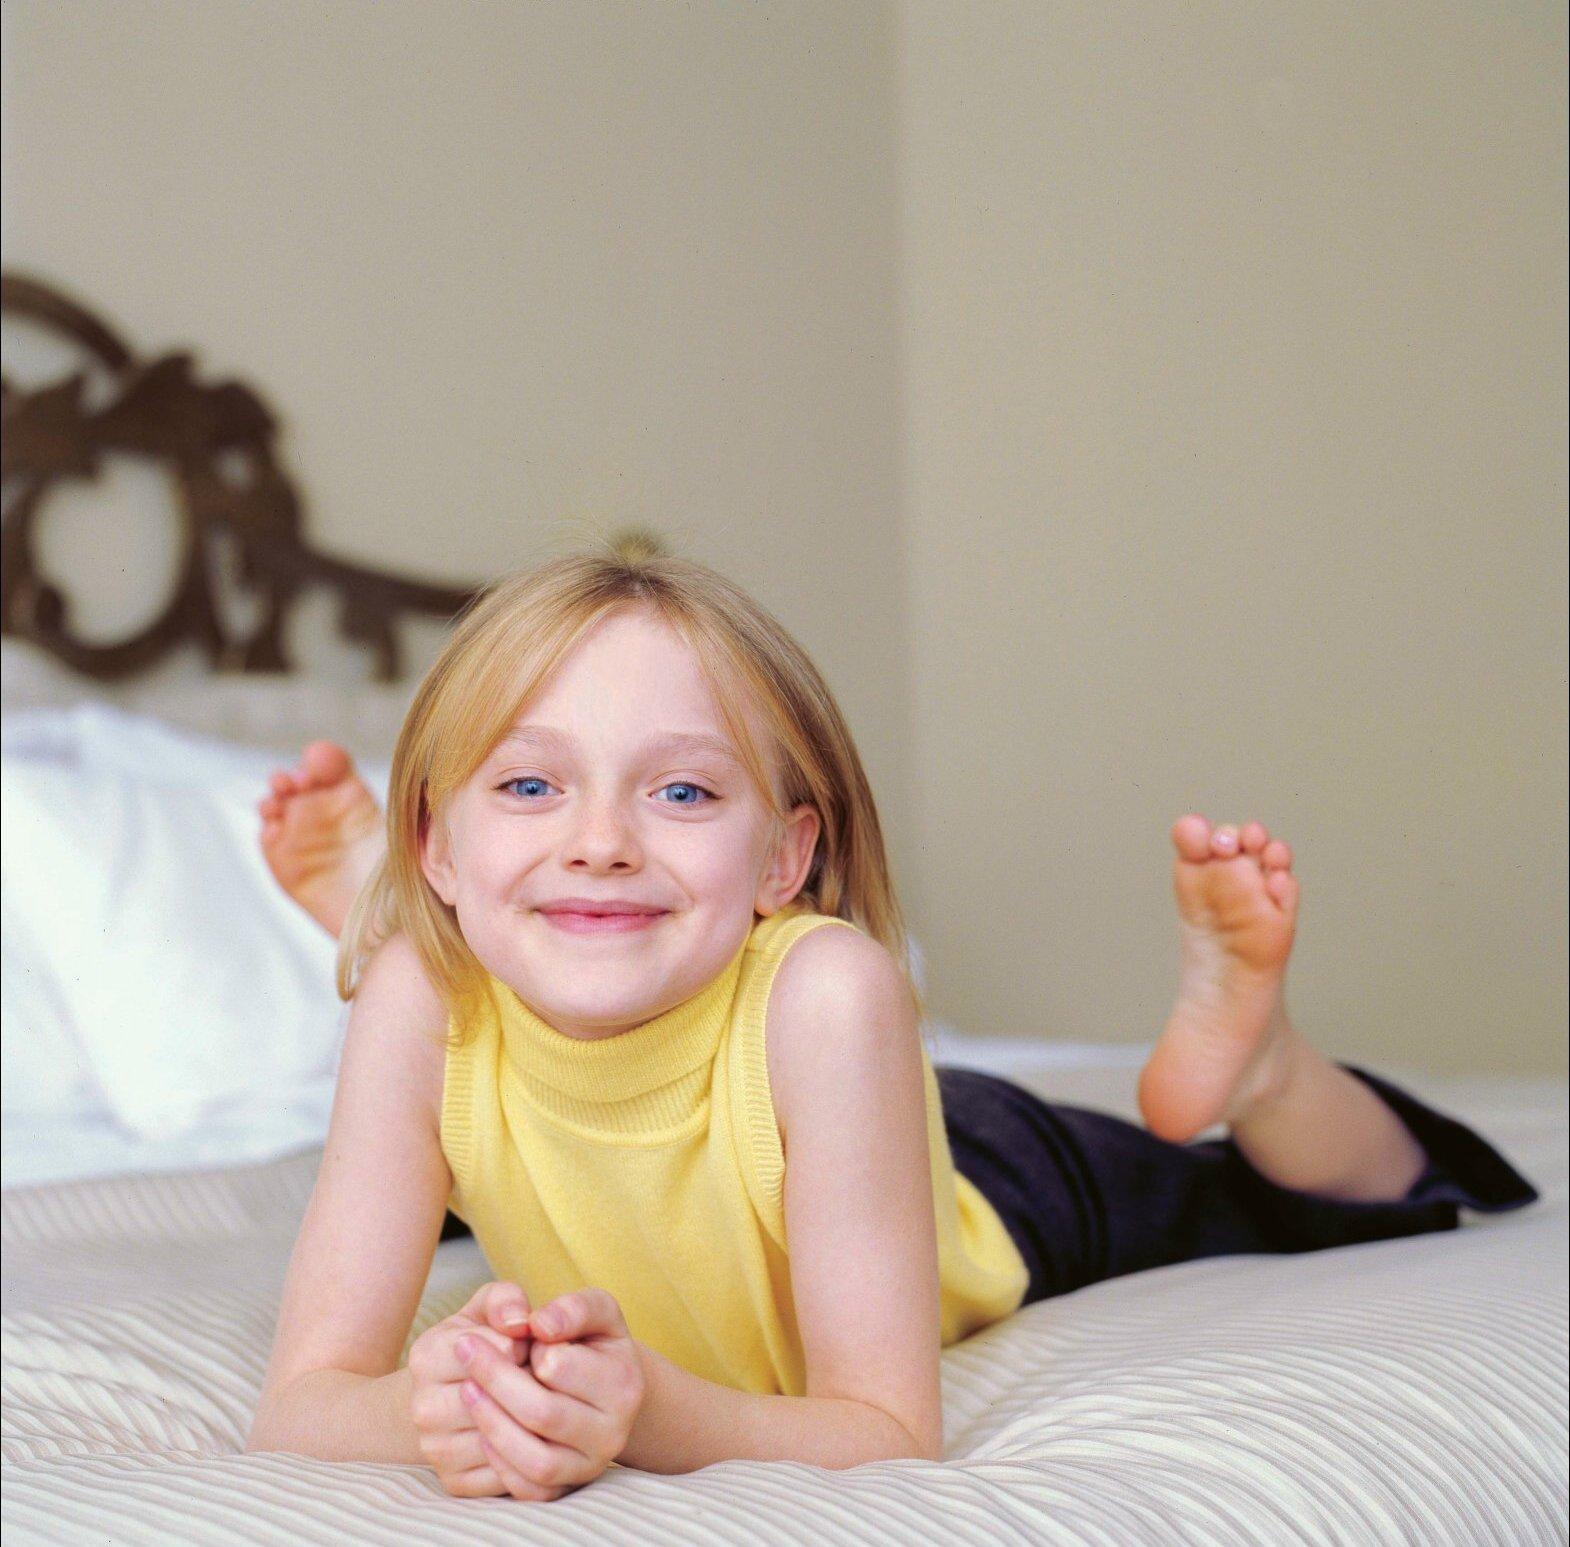 Dakota Fanning, foto de infância um em pinterest.com